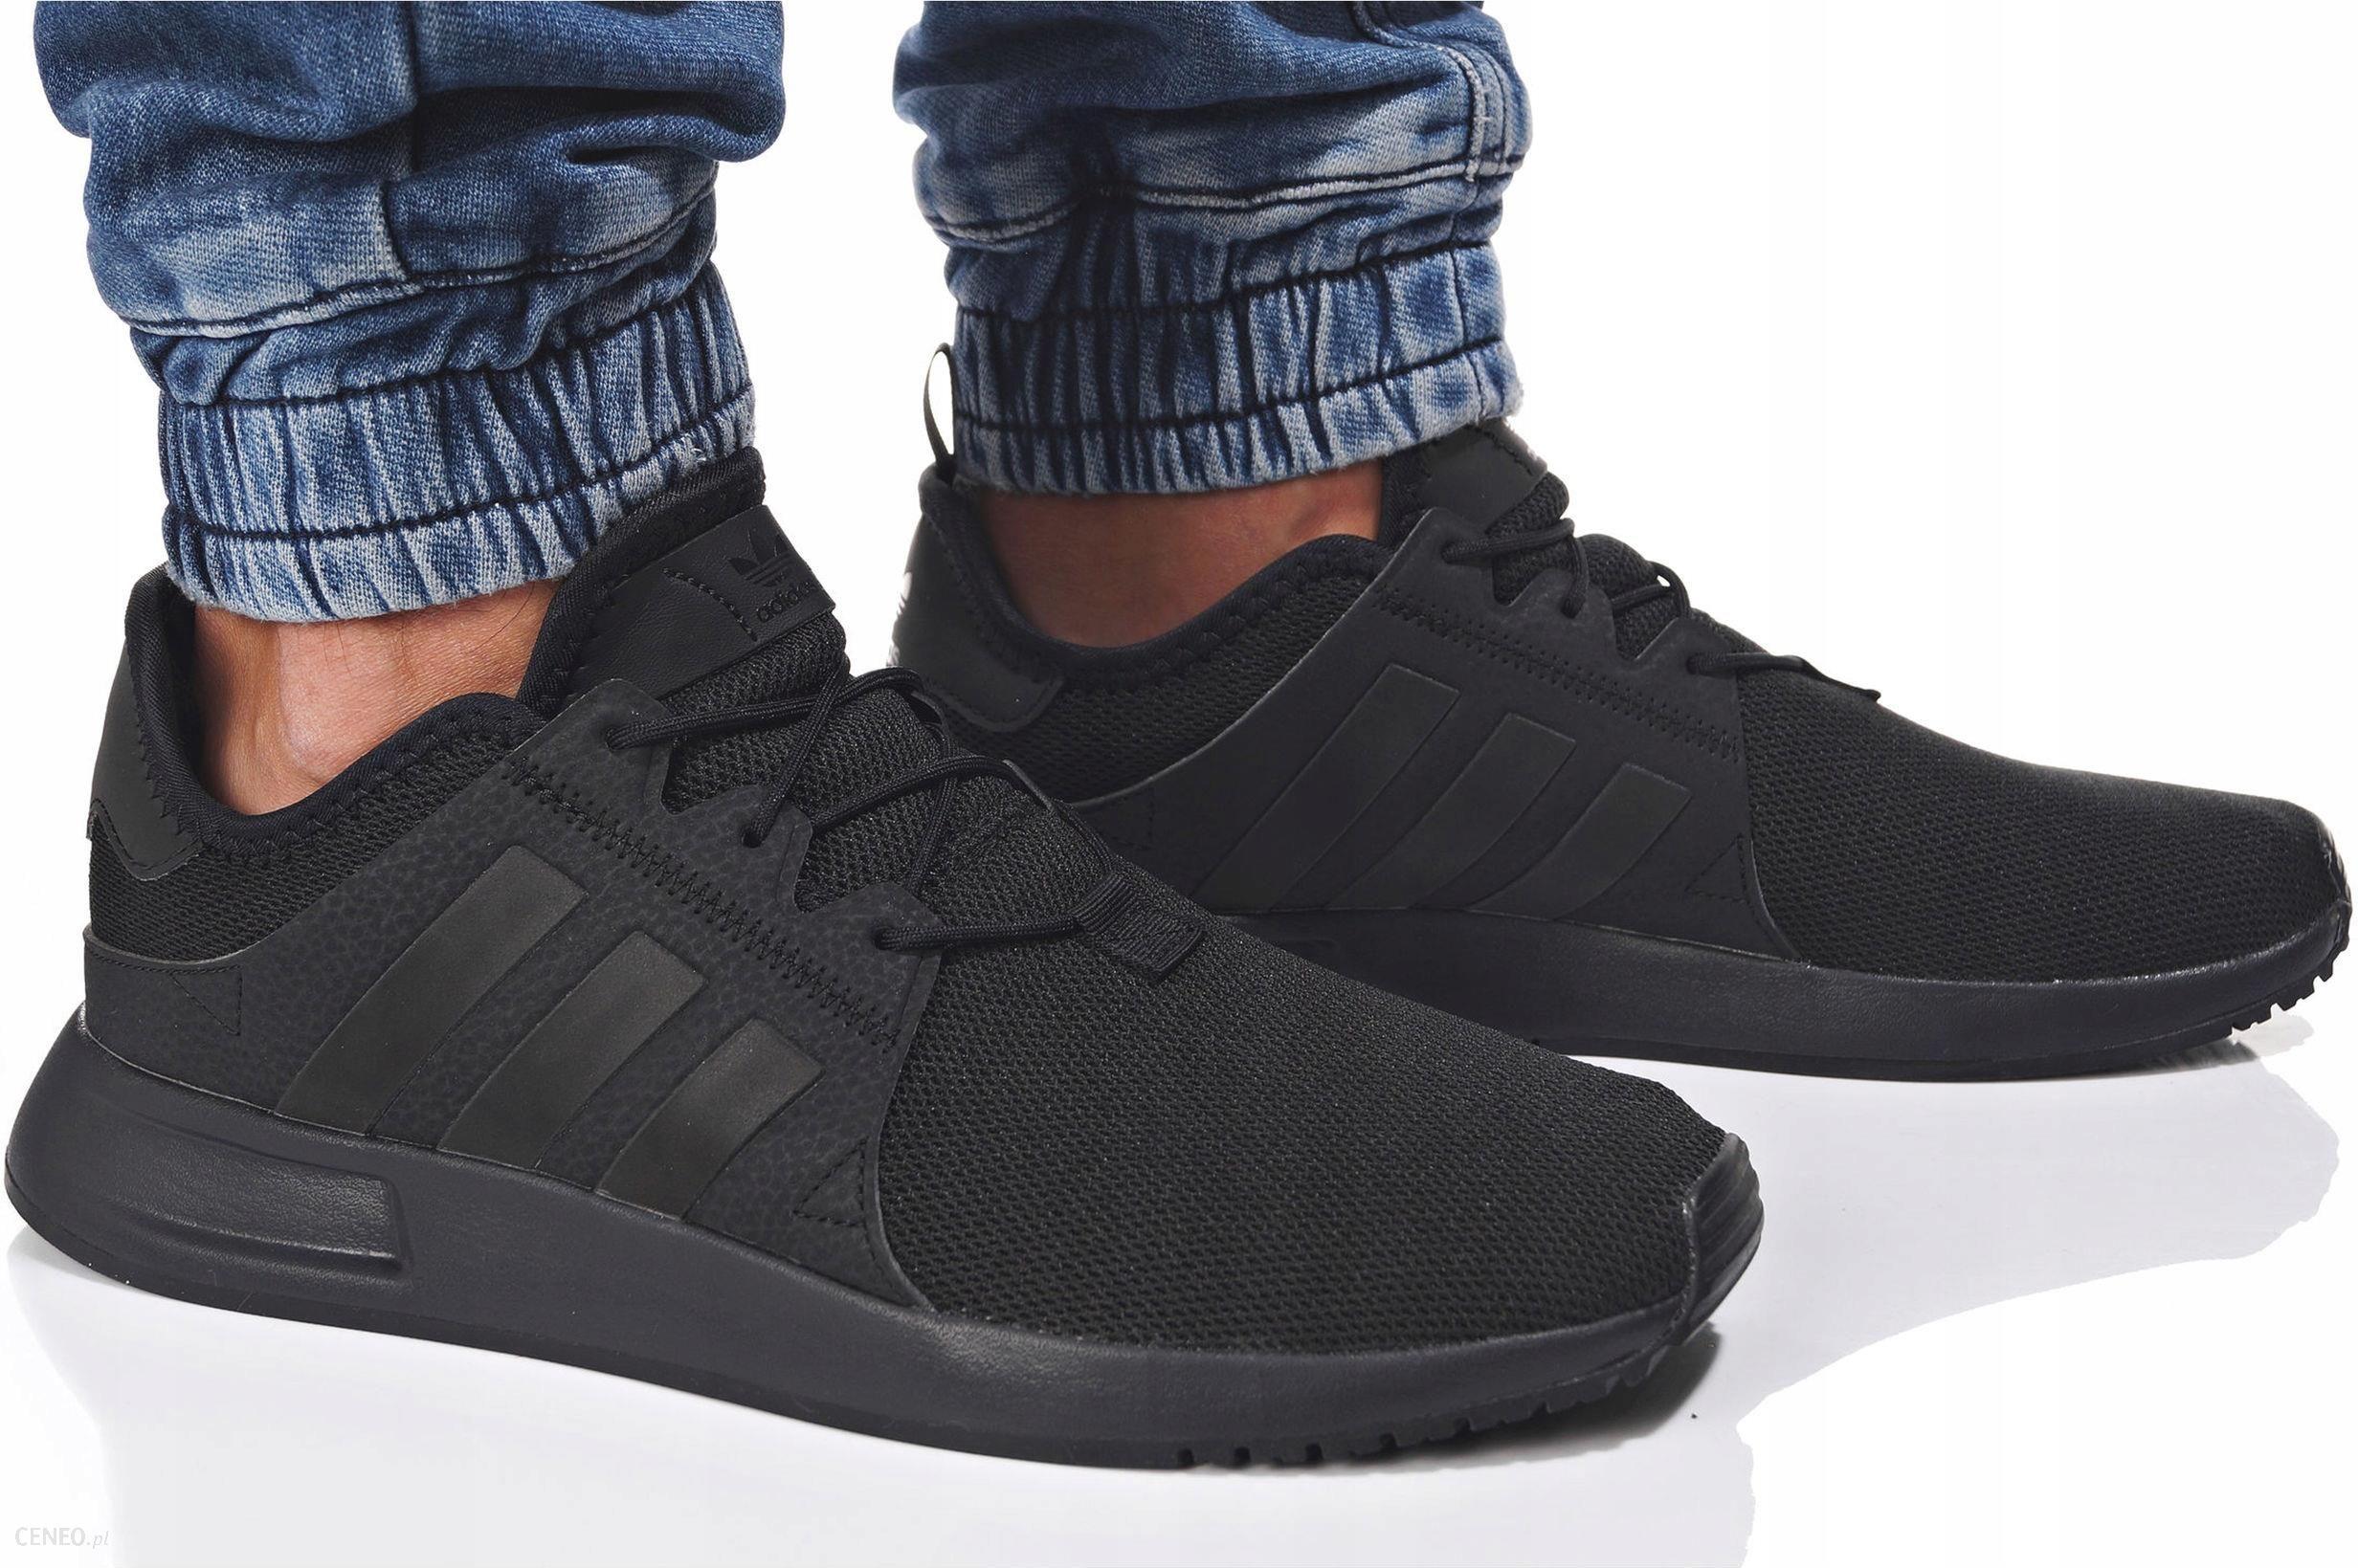 Buty Adidas X_plr M?skie BY9260 R. 46 23 Ceny i opinie Ceneo.pl